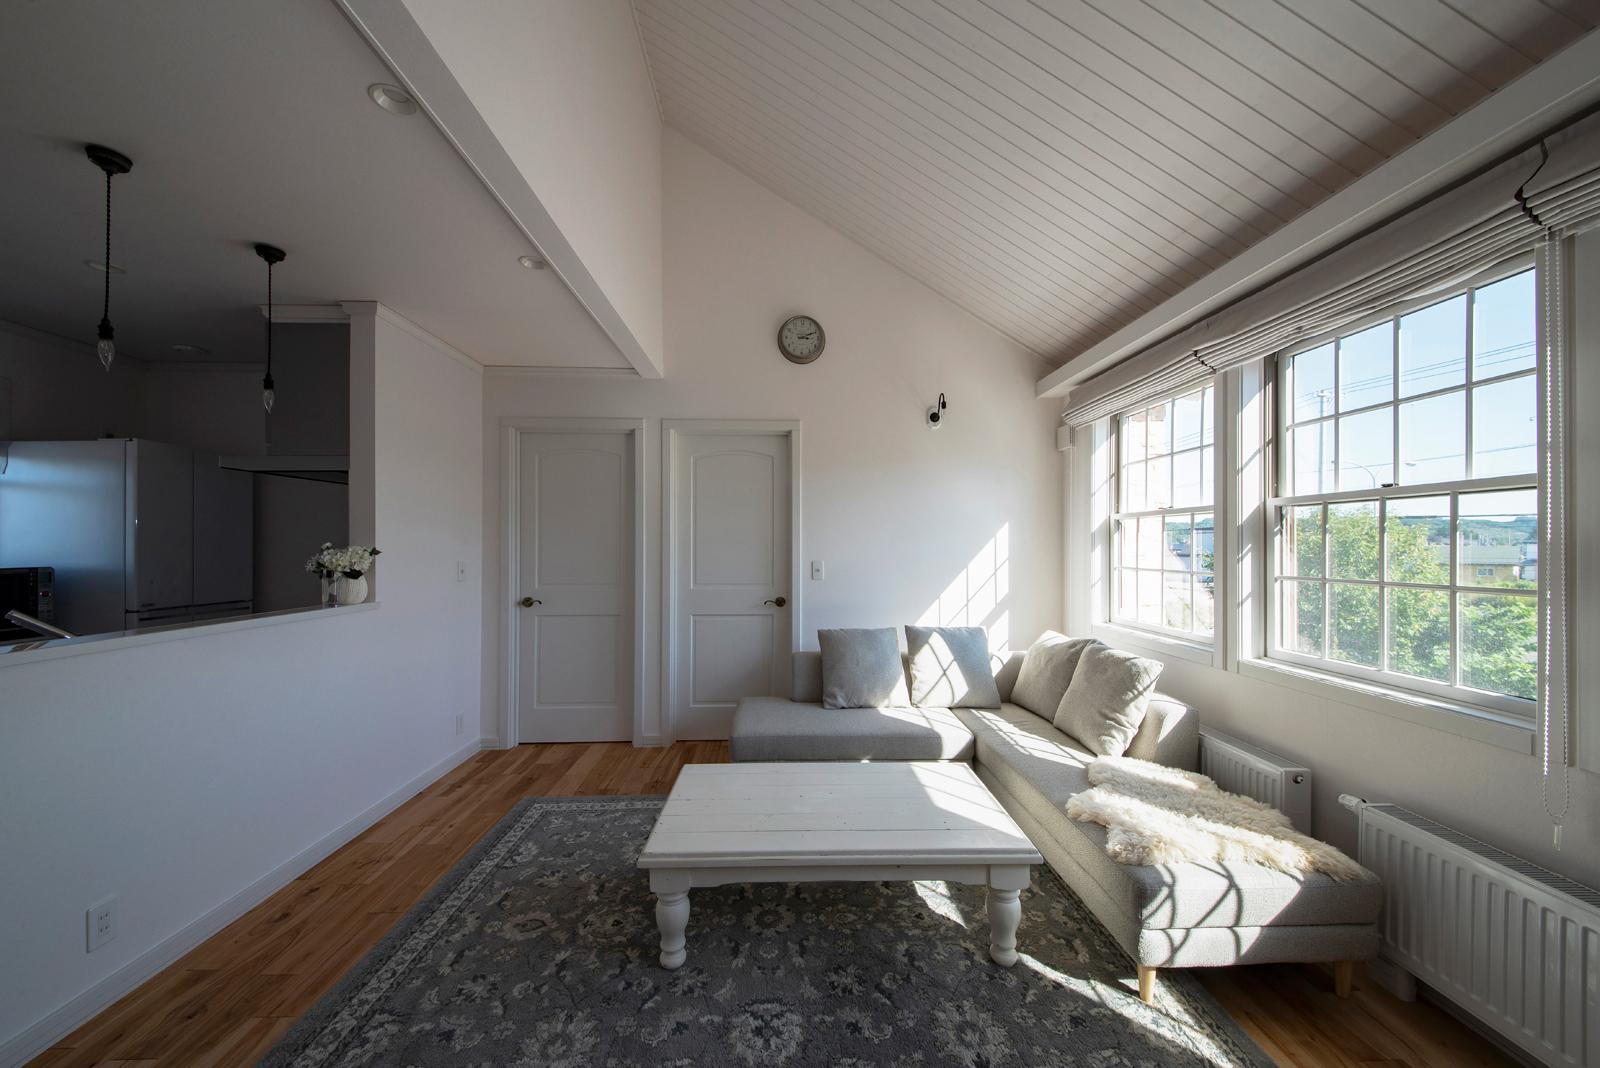 3連窓と屋根なり天井を採用したリビング。子世帯の生活空間は、白を基調に、カバ無垢幅広フローリング材を採用し、若々しいイメージで仕上げた